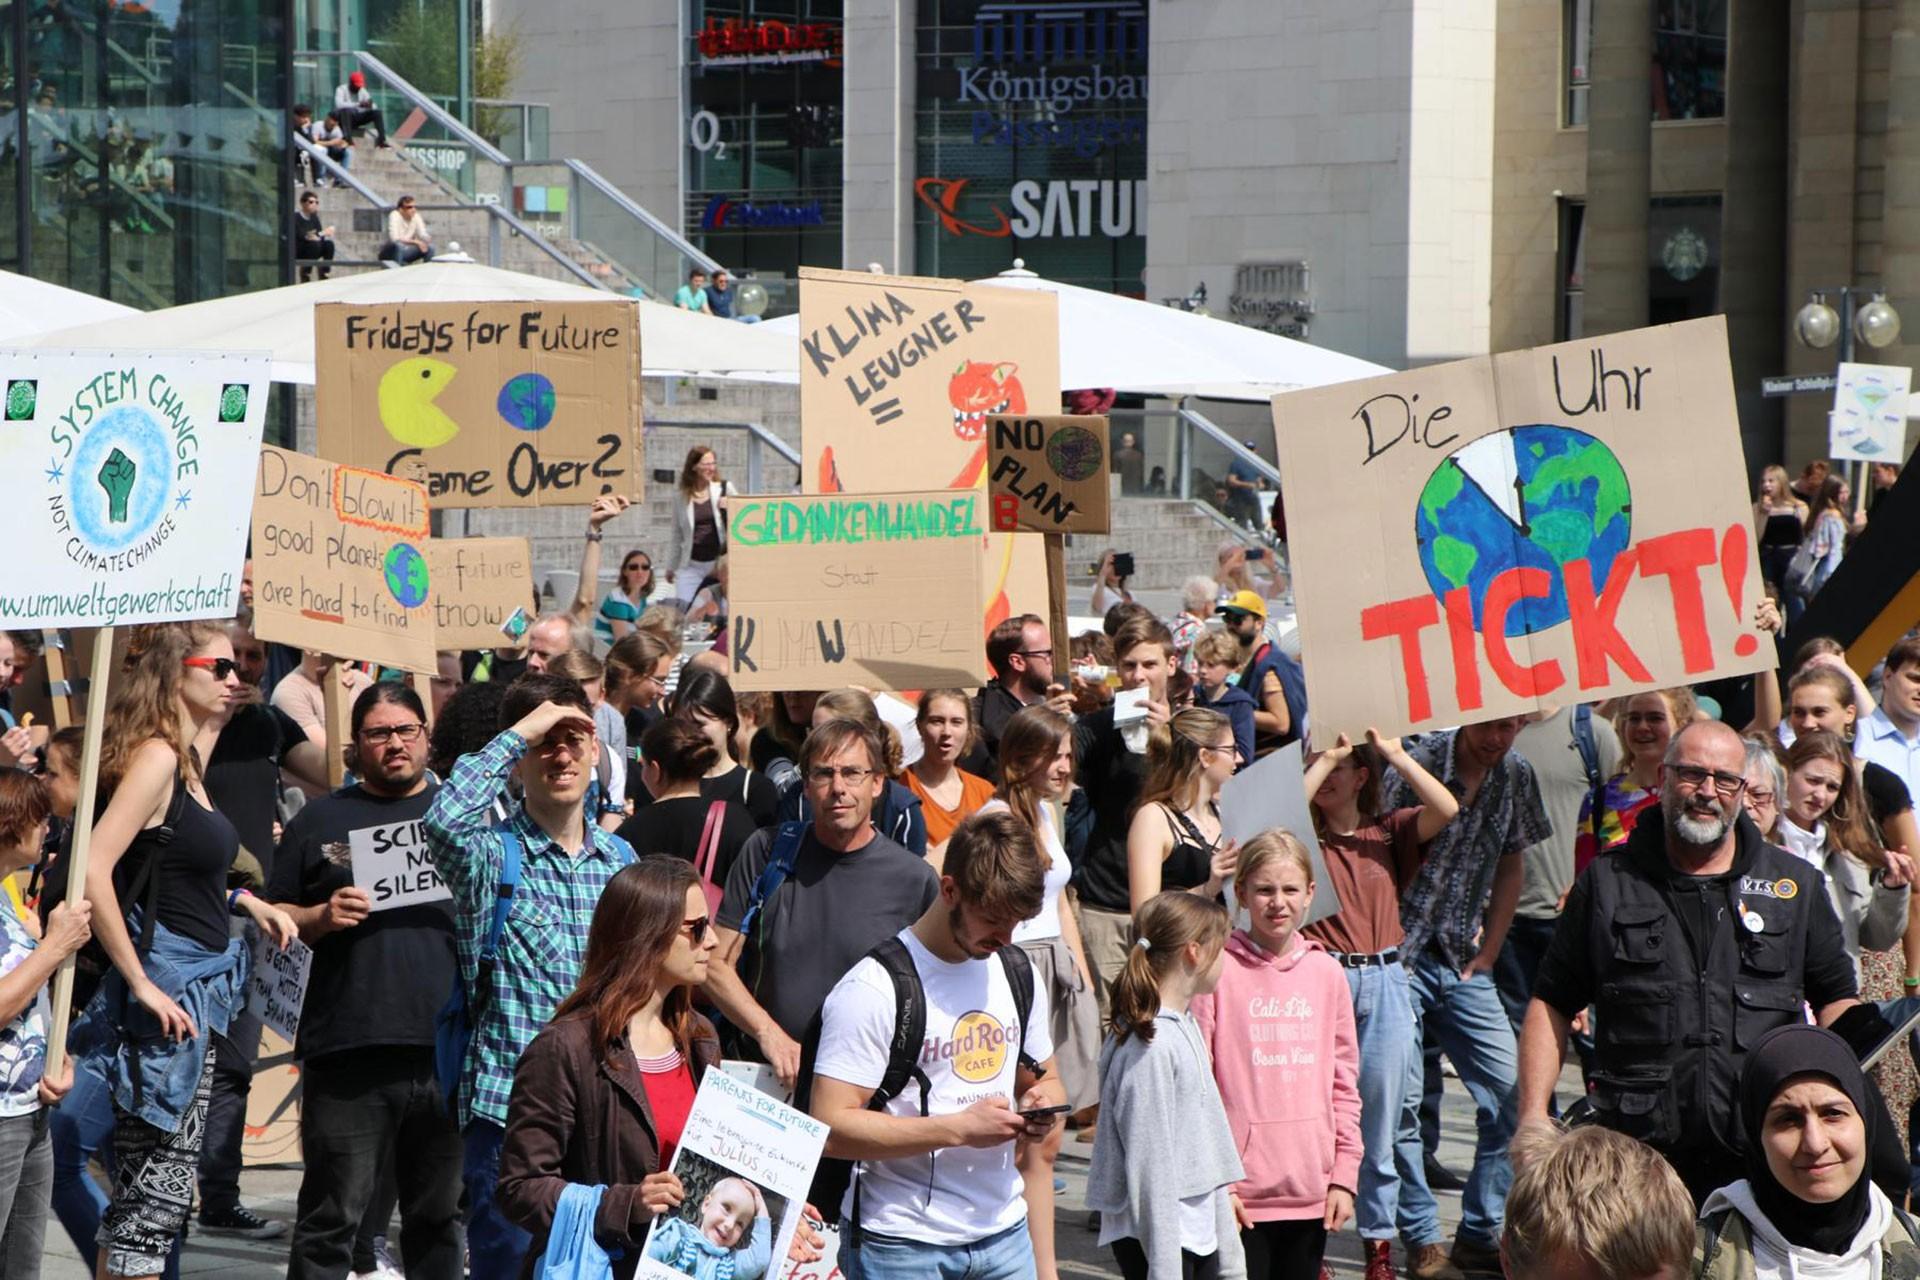 Küresel İklim Boykotu: 125 ülke, 1600 merkez, 2 milyona yakın katılımcı